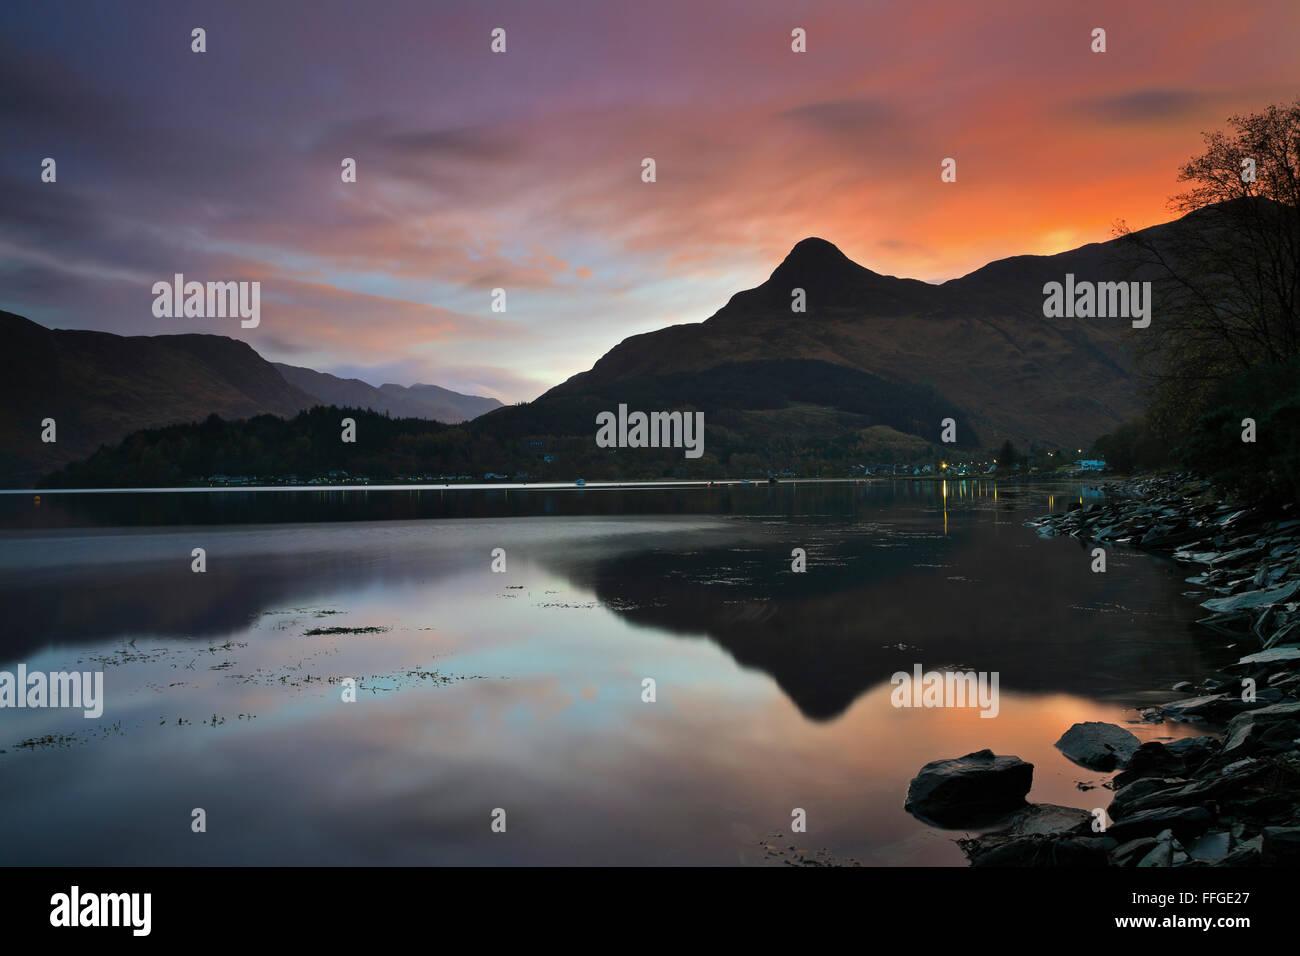 Le Pap of Glencoe dans les Highlands écossais, reflétée dans le Loch Leven au lever du soleil au Photo Stock